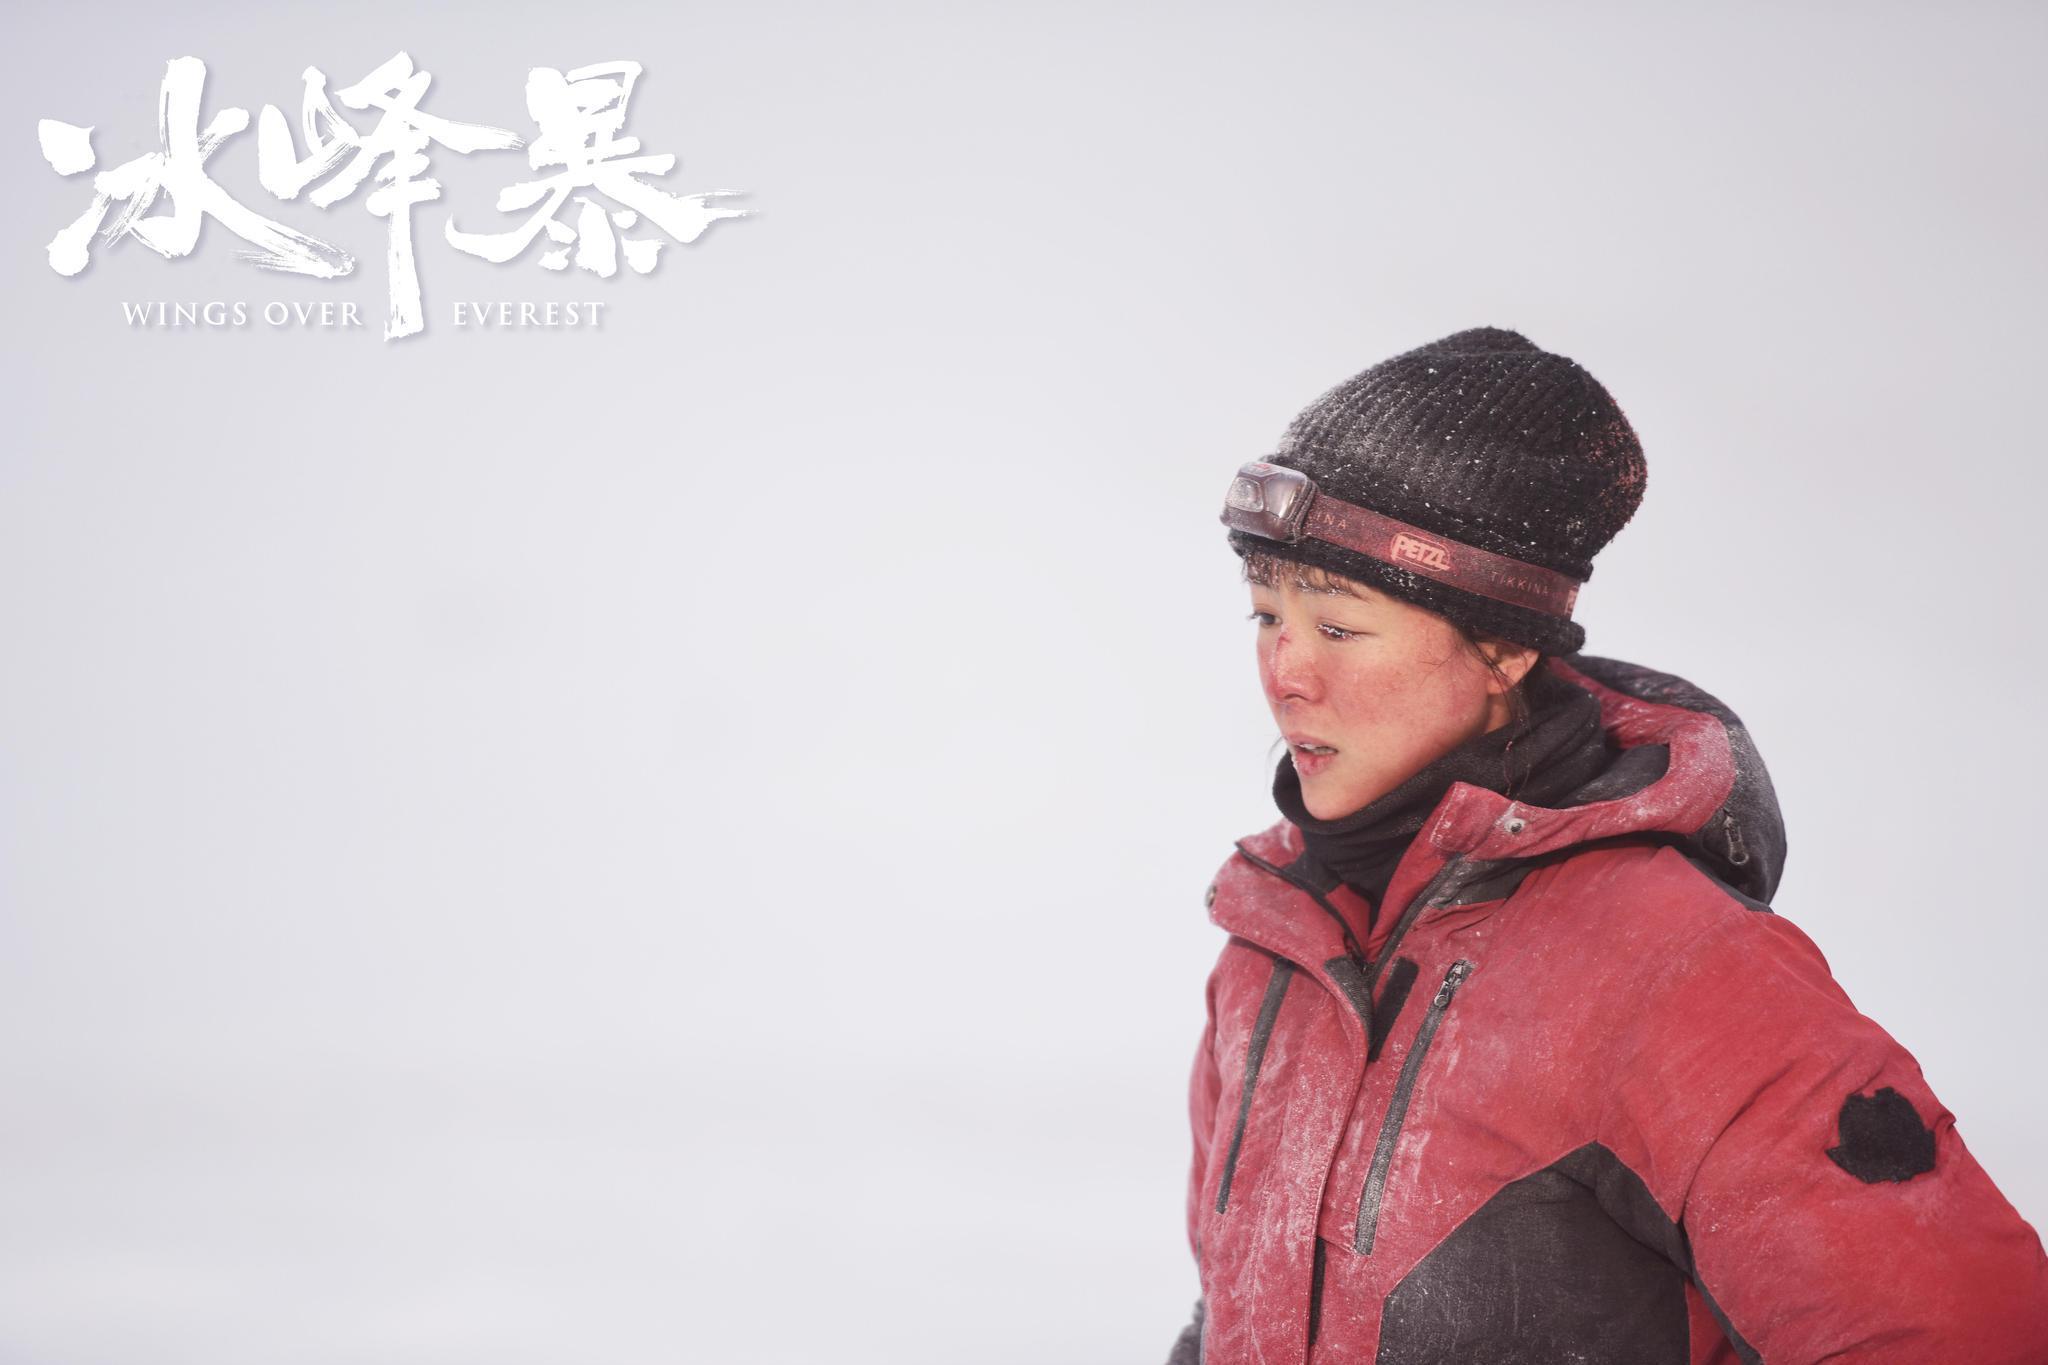 张静初首次冒险题材电影《冰峰暴》即将上映  素颜高海拔实景拍摄